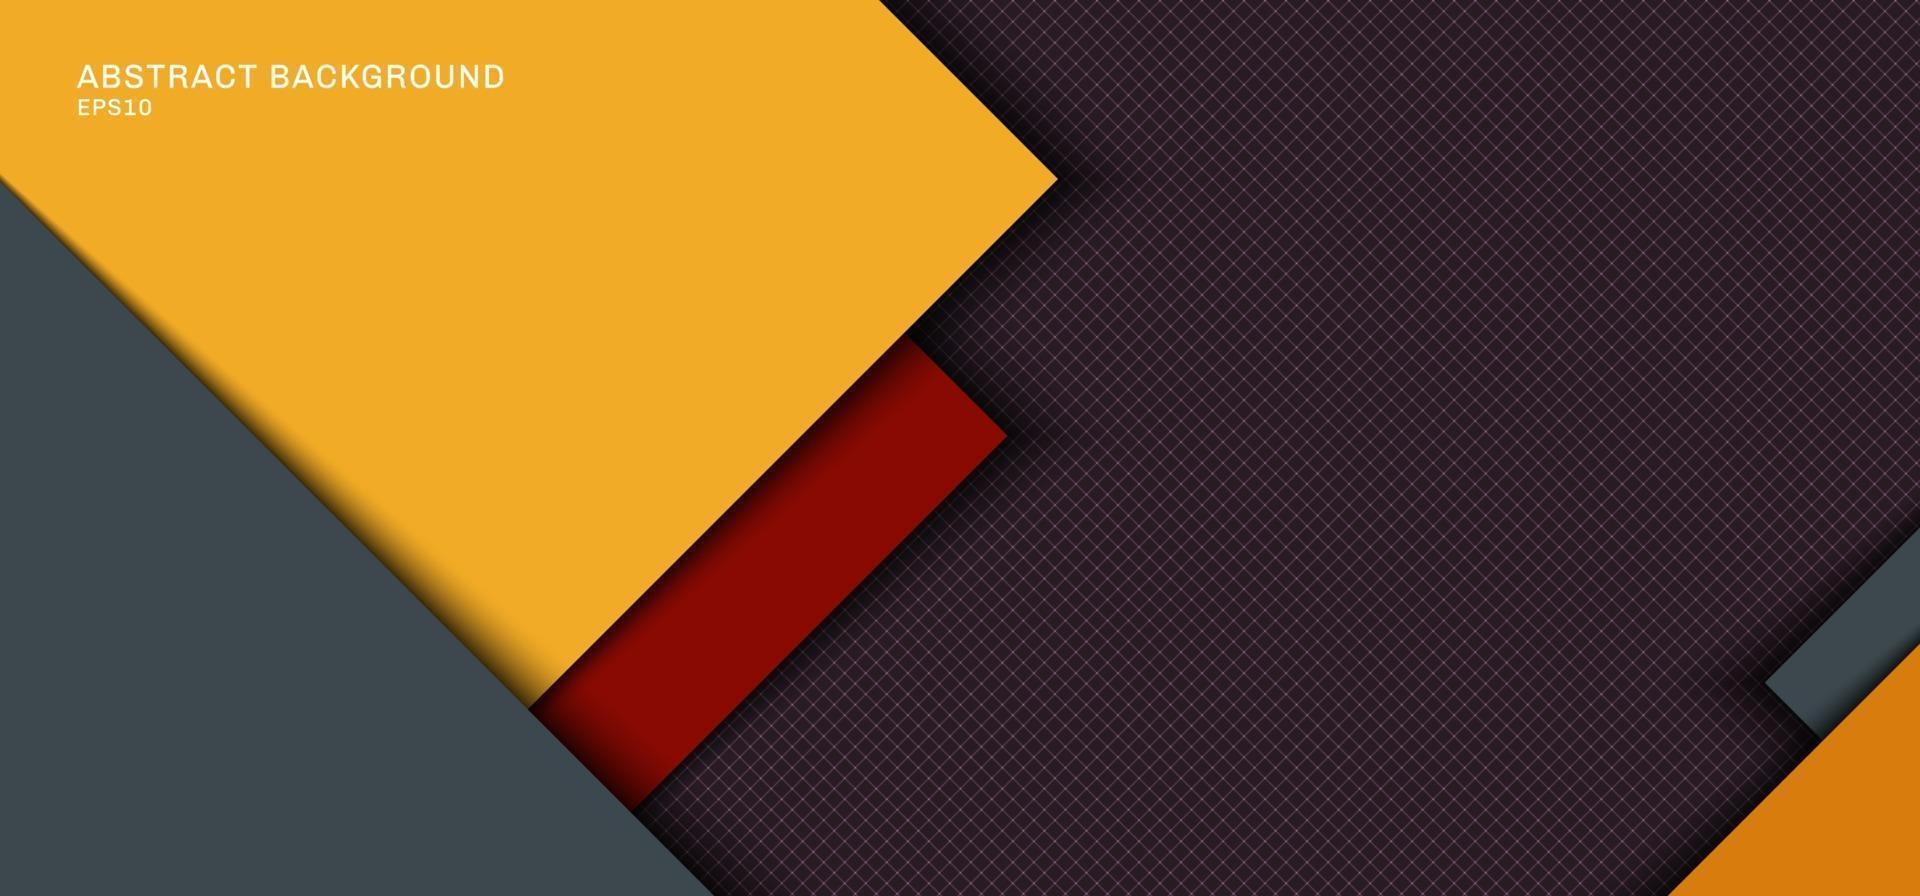 conception de modèle de bannière web couche de chevauchement carrée jaune, grise avec des rayures rouges avec une ombre sur fond de grille. vecteur